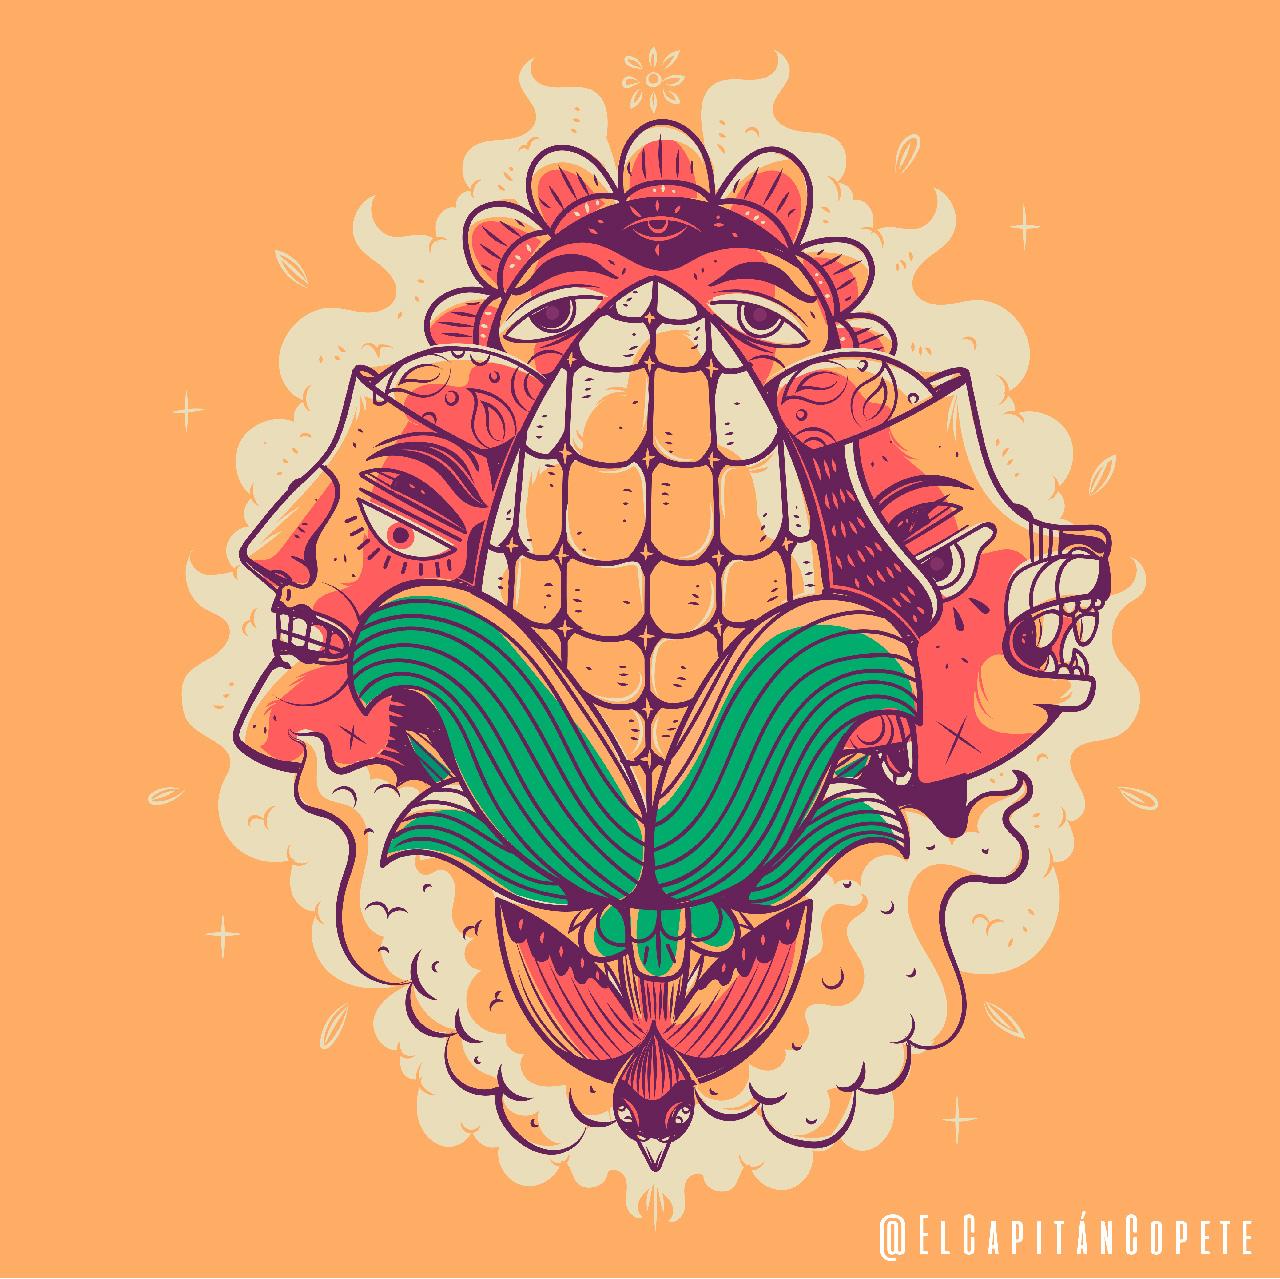 El Capitán Copete, Dioses del maíz. ©Jesús Ramos.